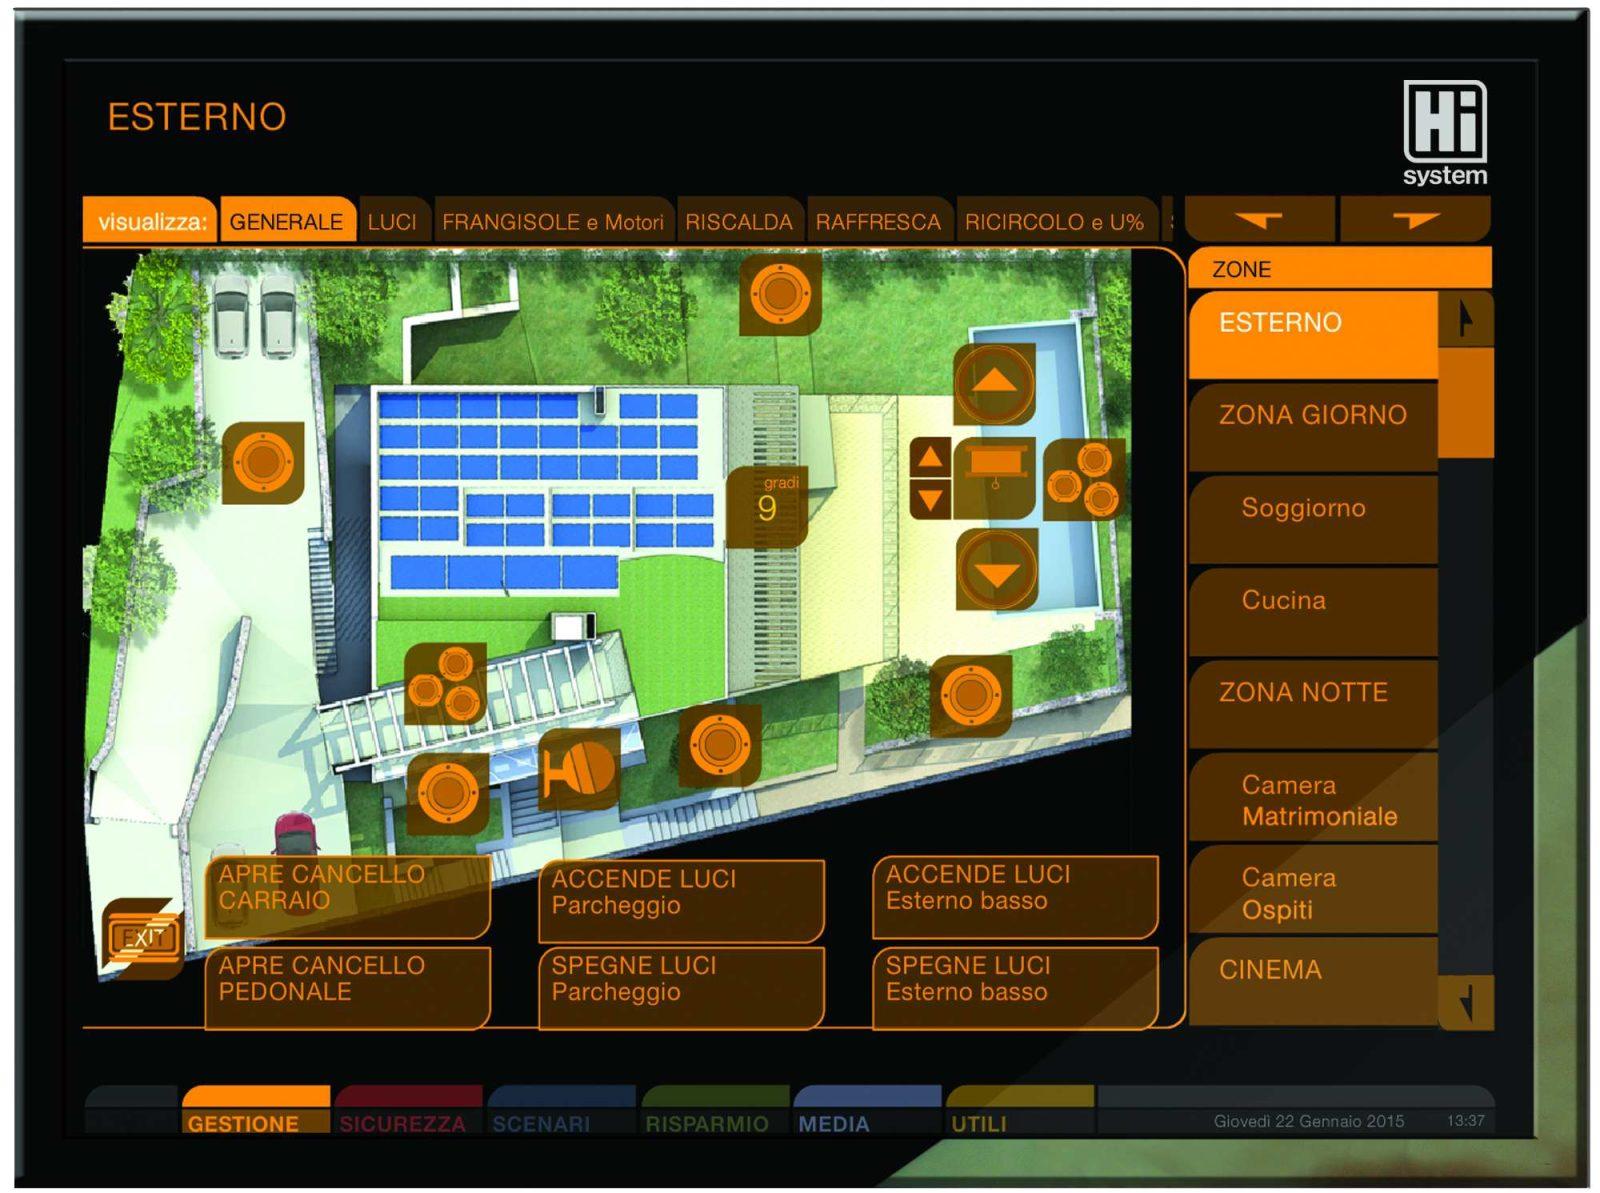 Controllo remoto di un impianto domotico  GBS